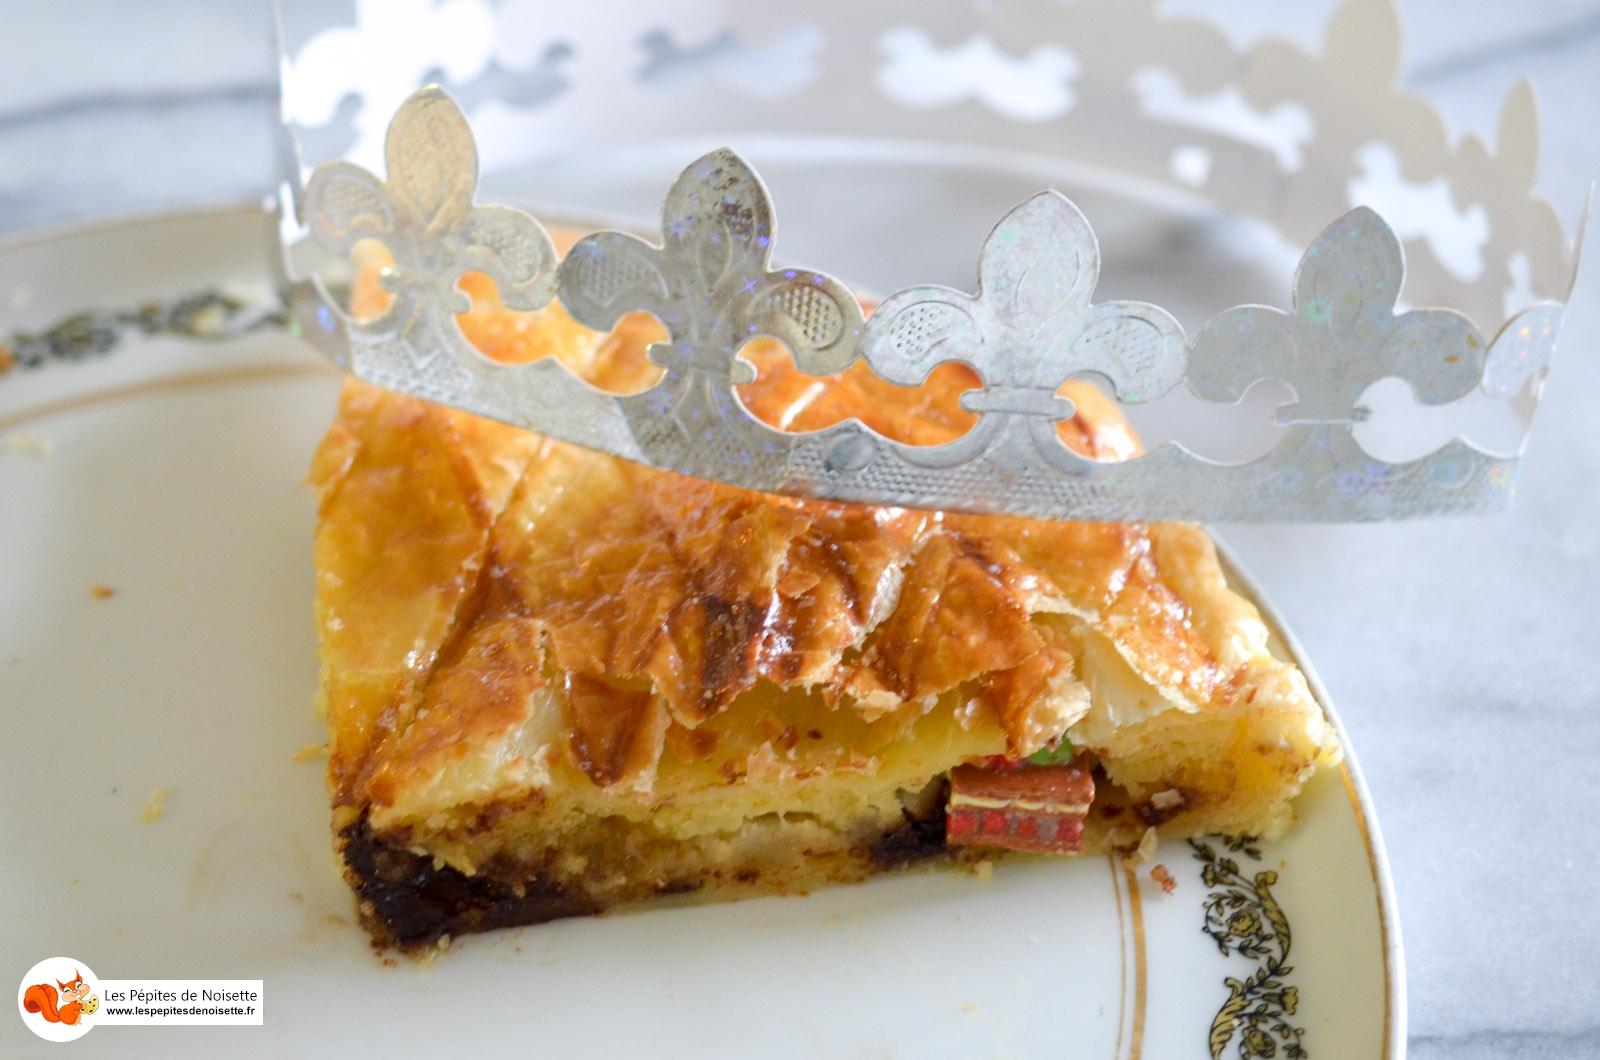 Galette Rois Poire Chocolat Orange 4